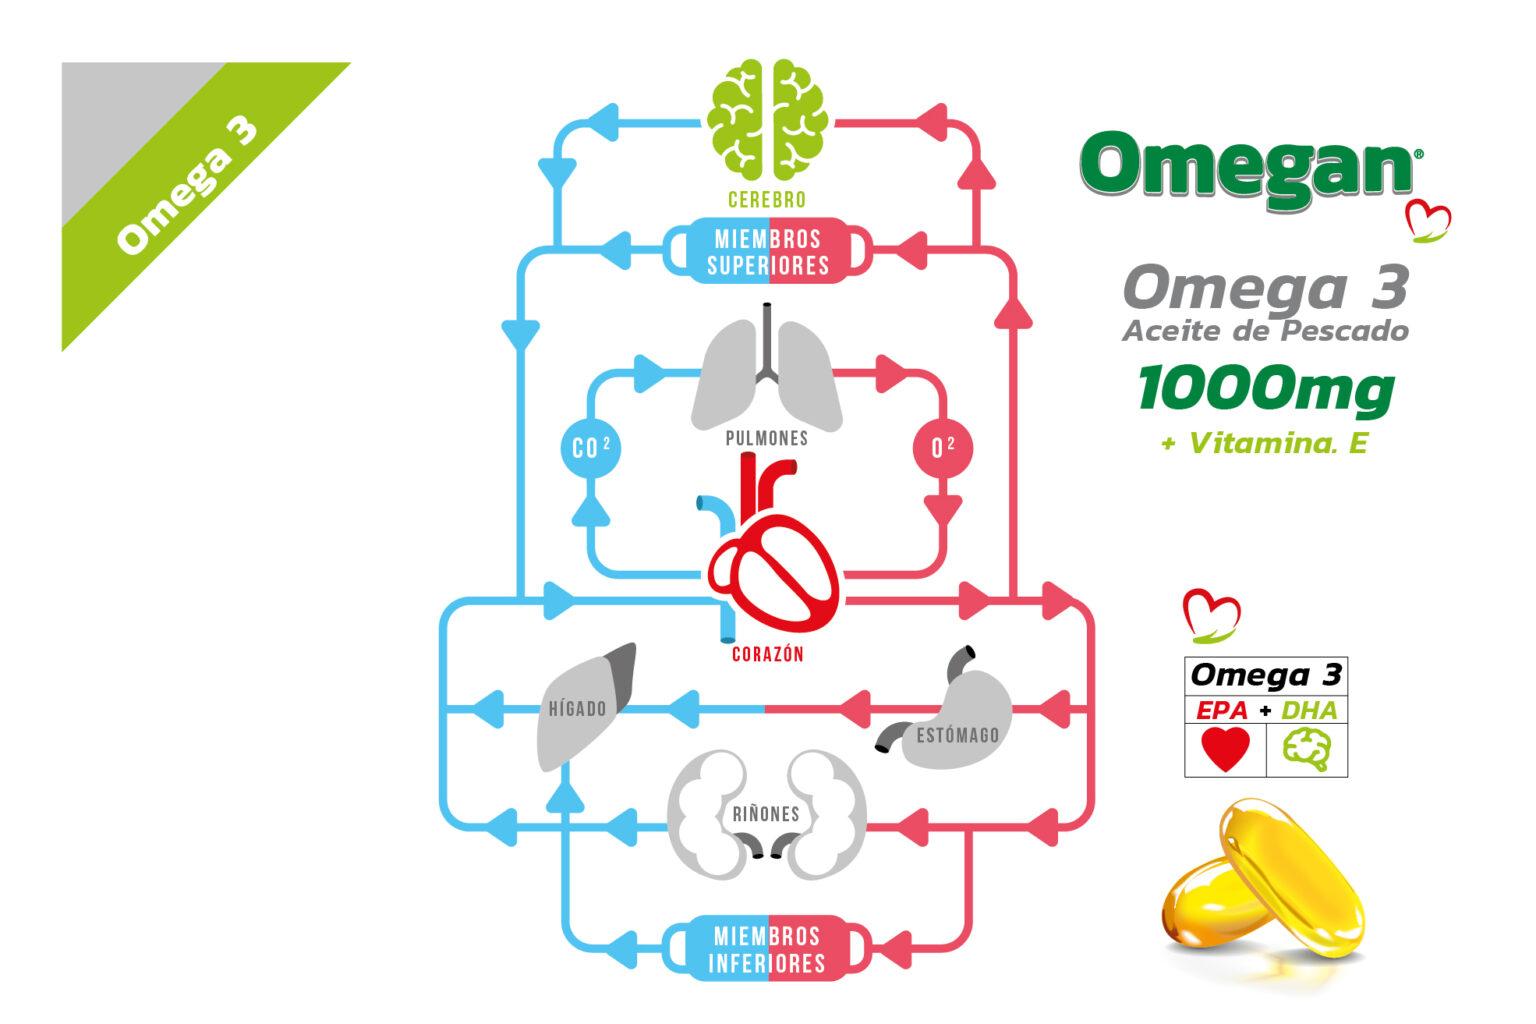 OMEGAN - Omega 3 + Vitamina E